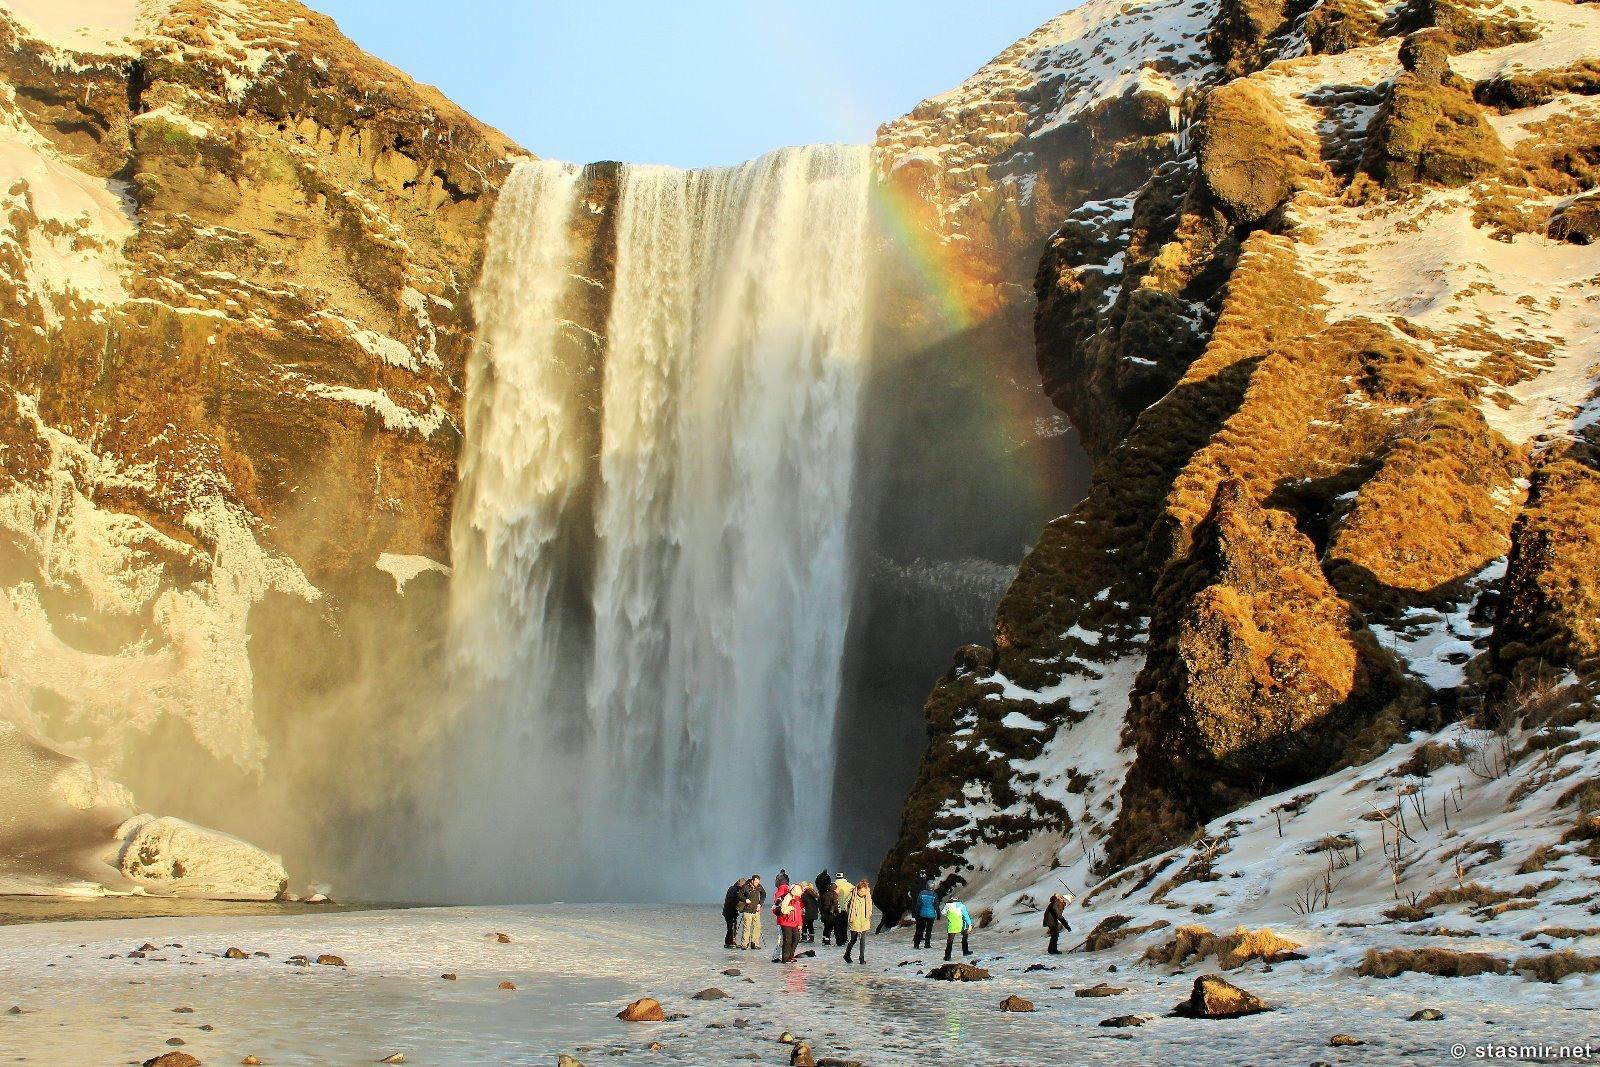 Сельяландсфосс зимой с радугой, фото Стасмир, photo Stasmir